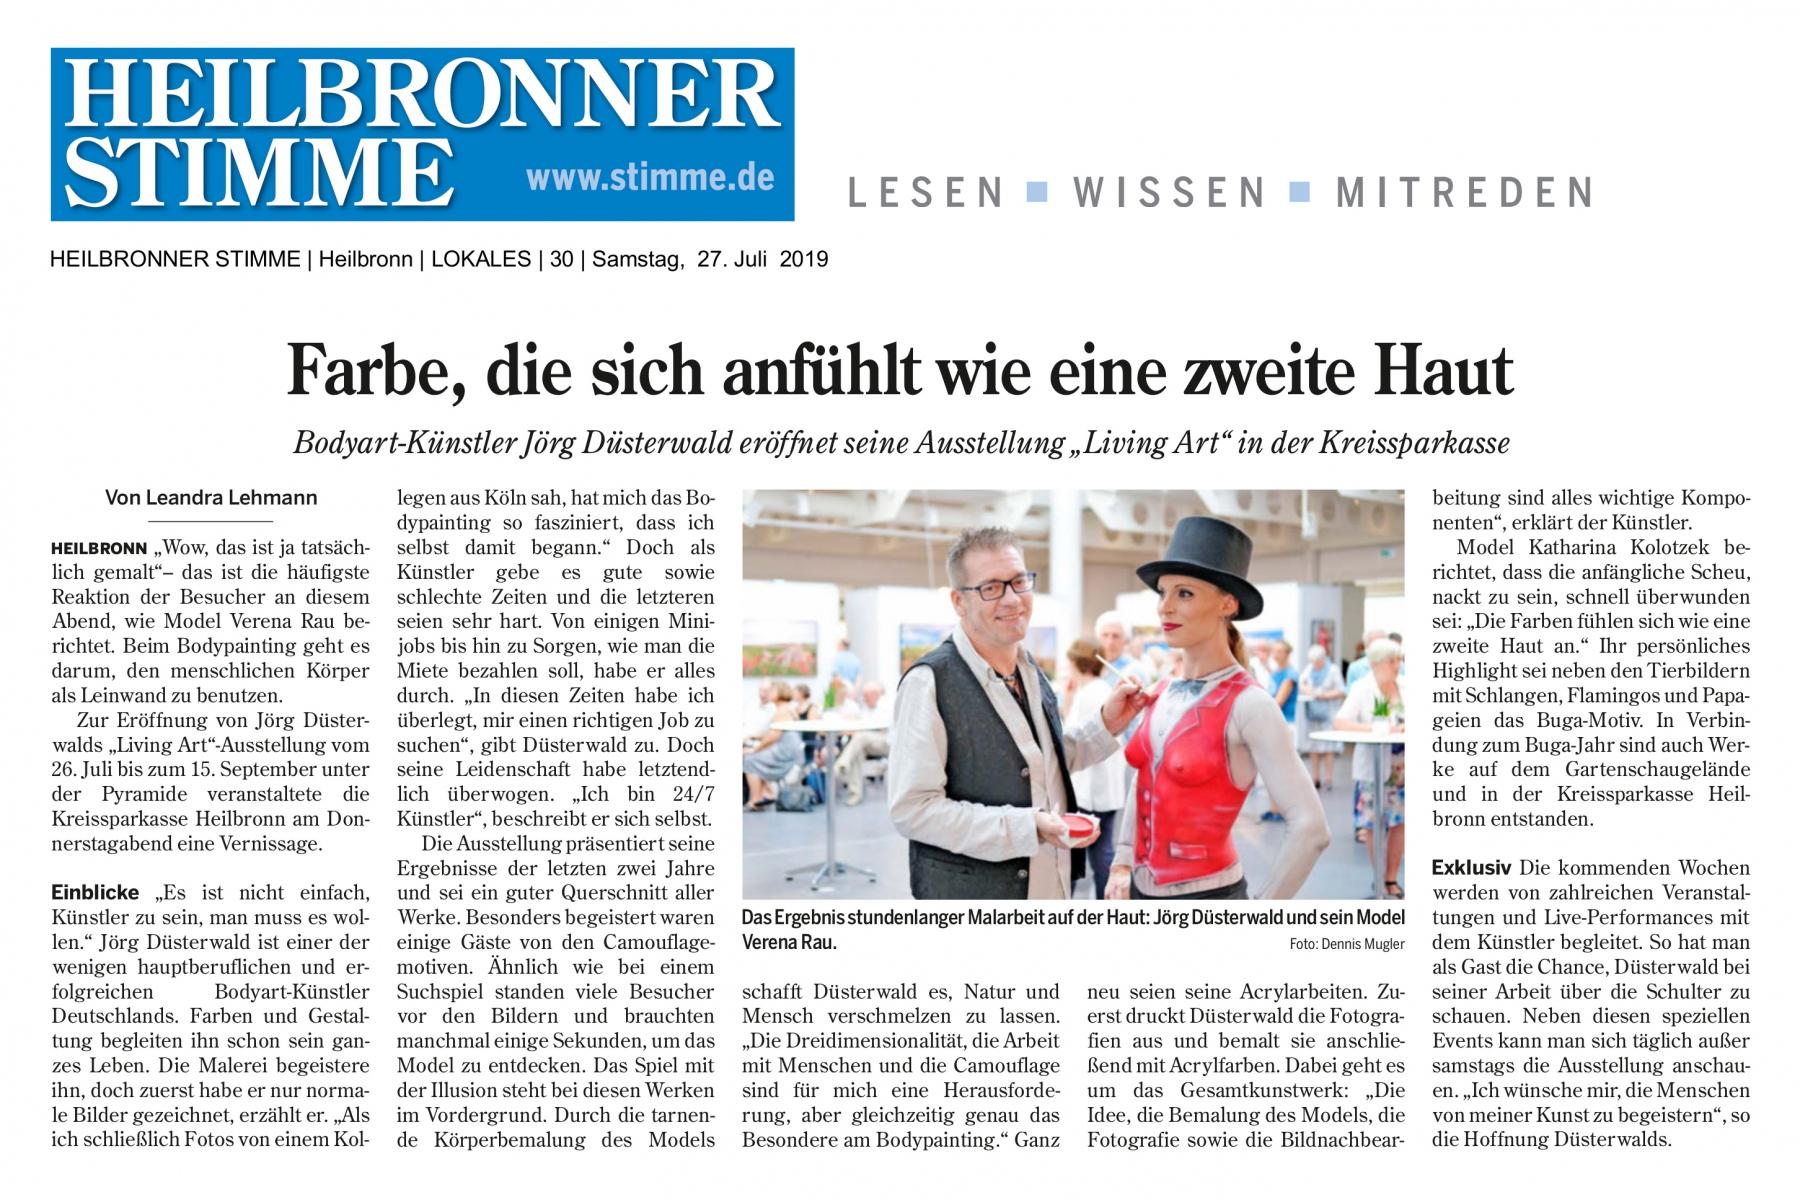 """Medienbericht HEILBRONNER STIMME Ausstellung LIVING ART """"Unter der KSK-Pyramide"""" Heilbronn"""